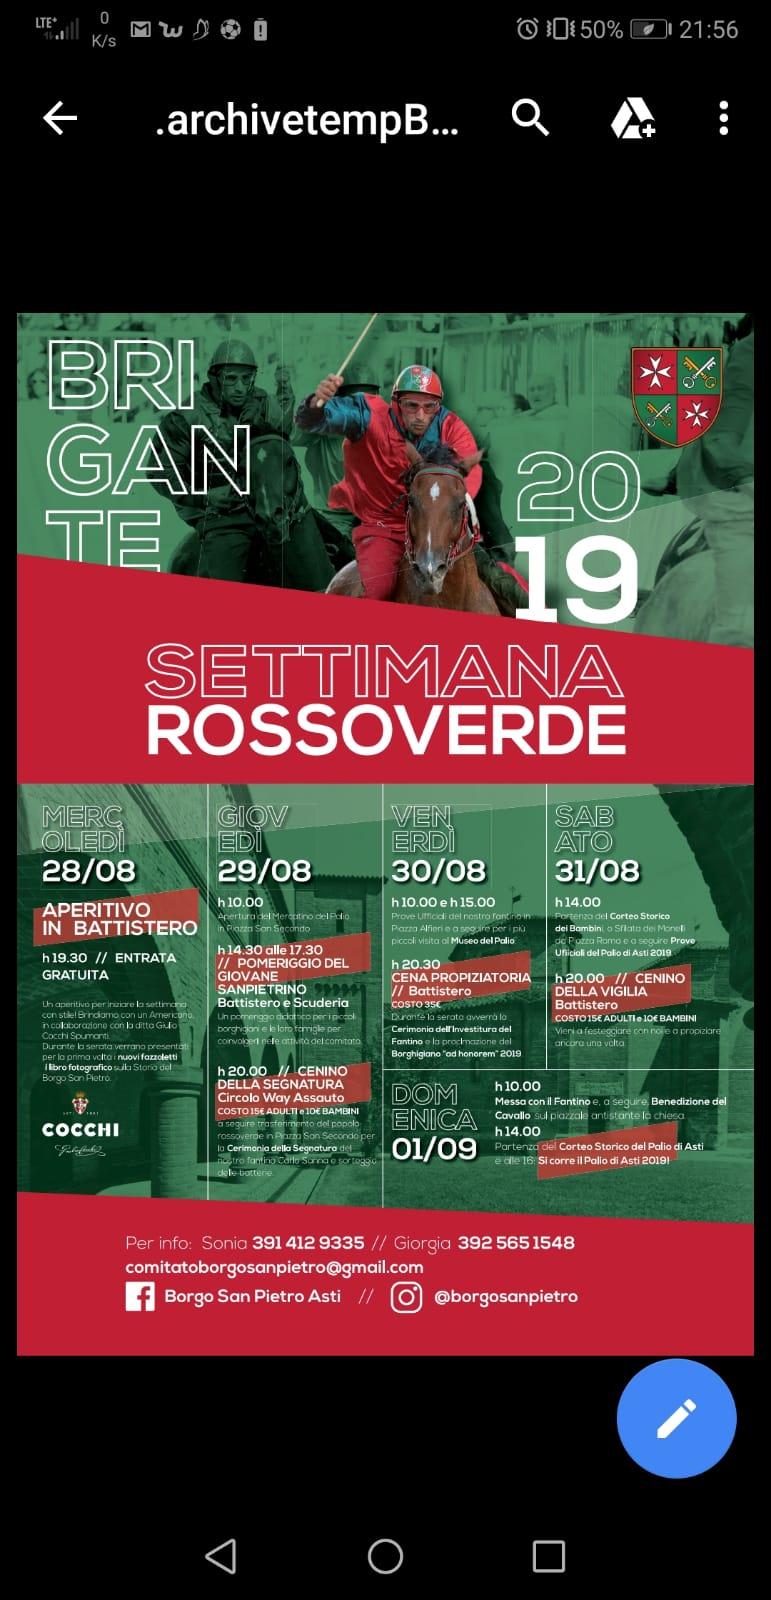 Palio di Asti, Borgo San Pietro:28/08-01/09 Ecco il progamma della Settimana Rossoverde2019